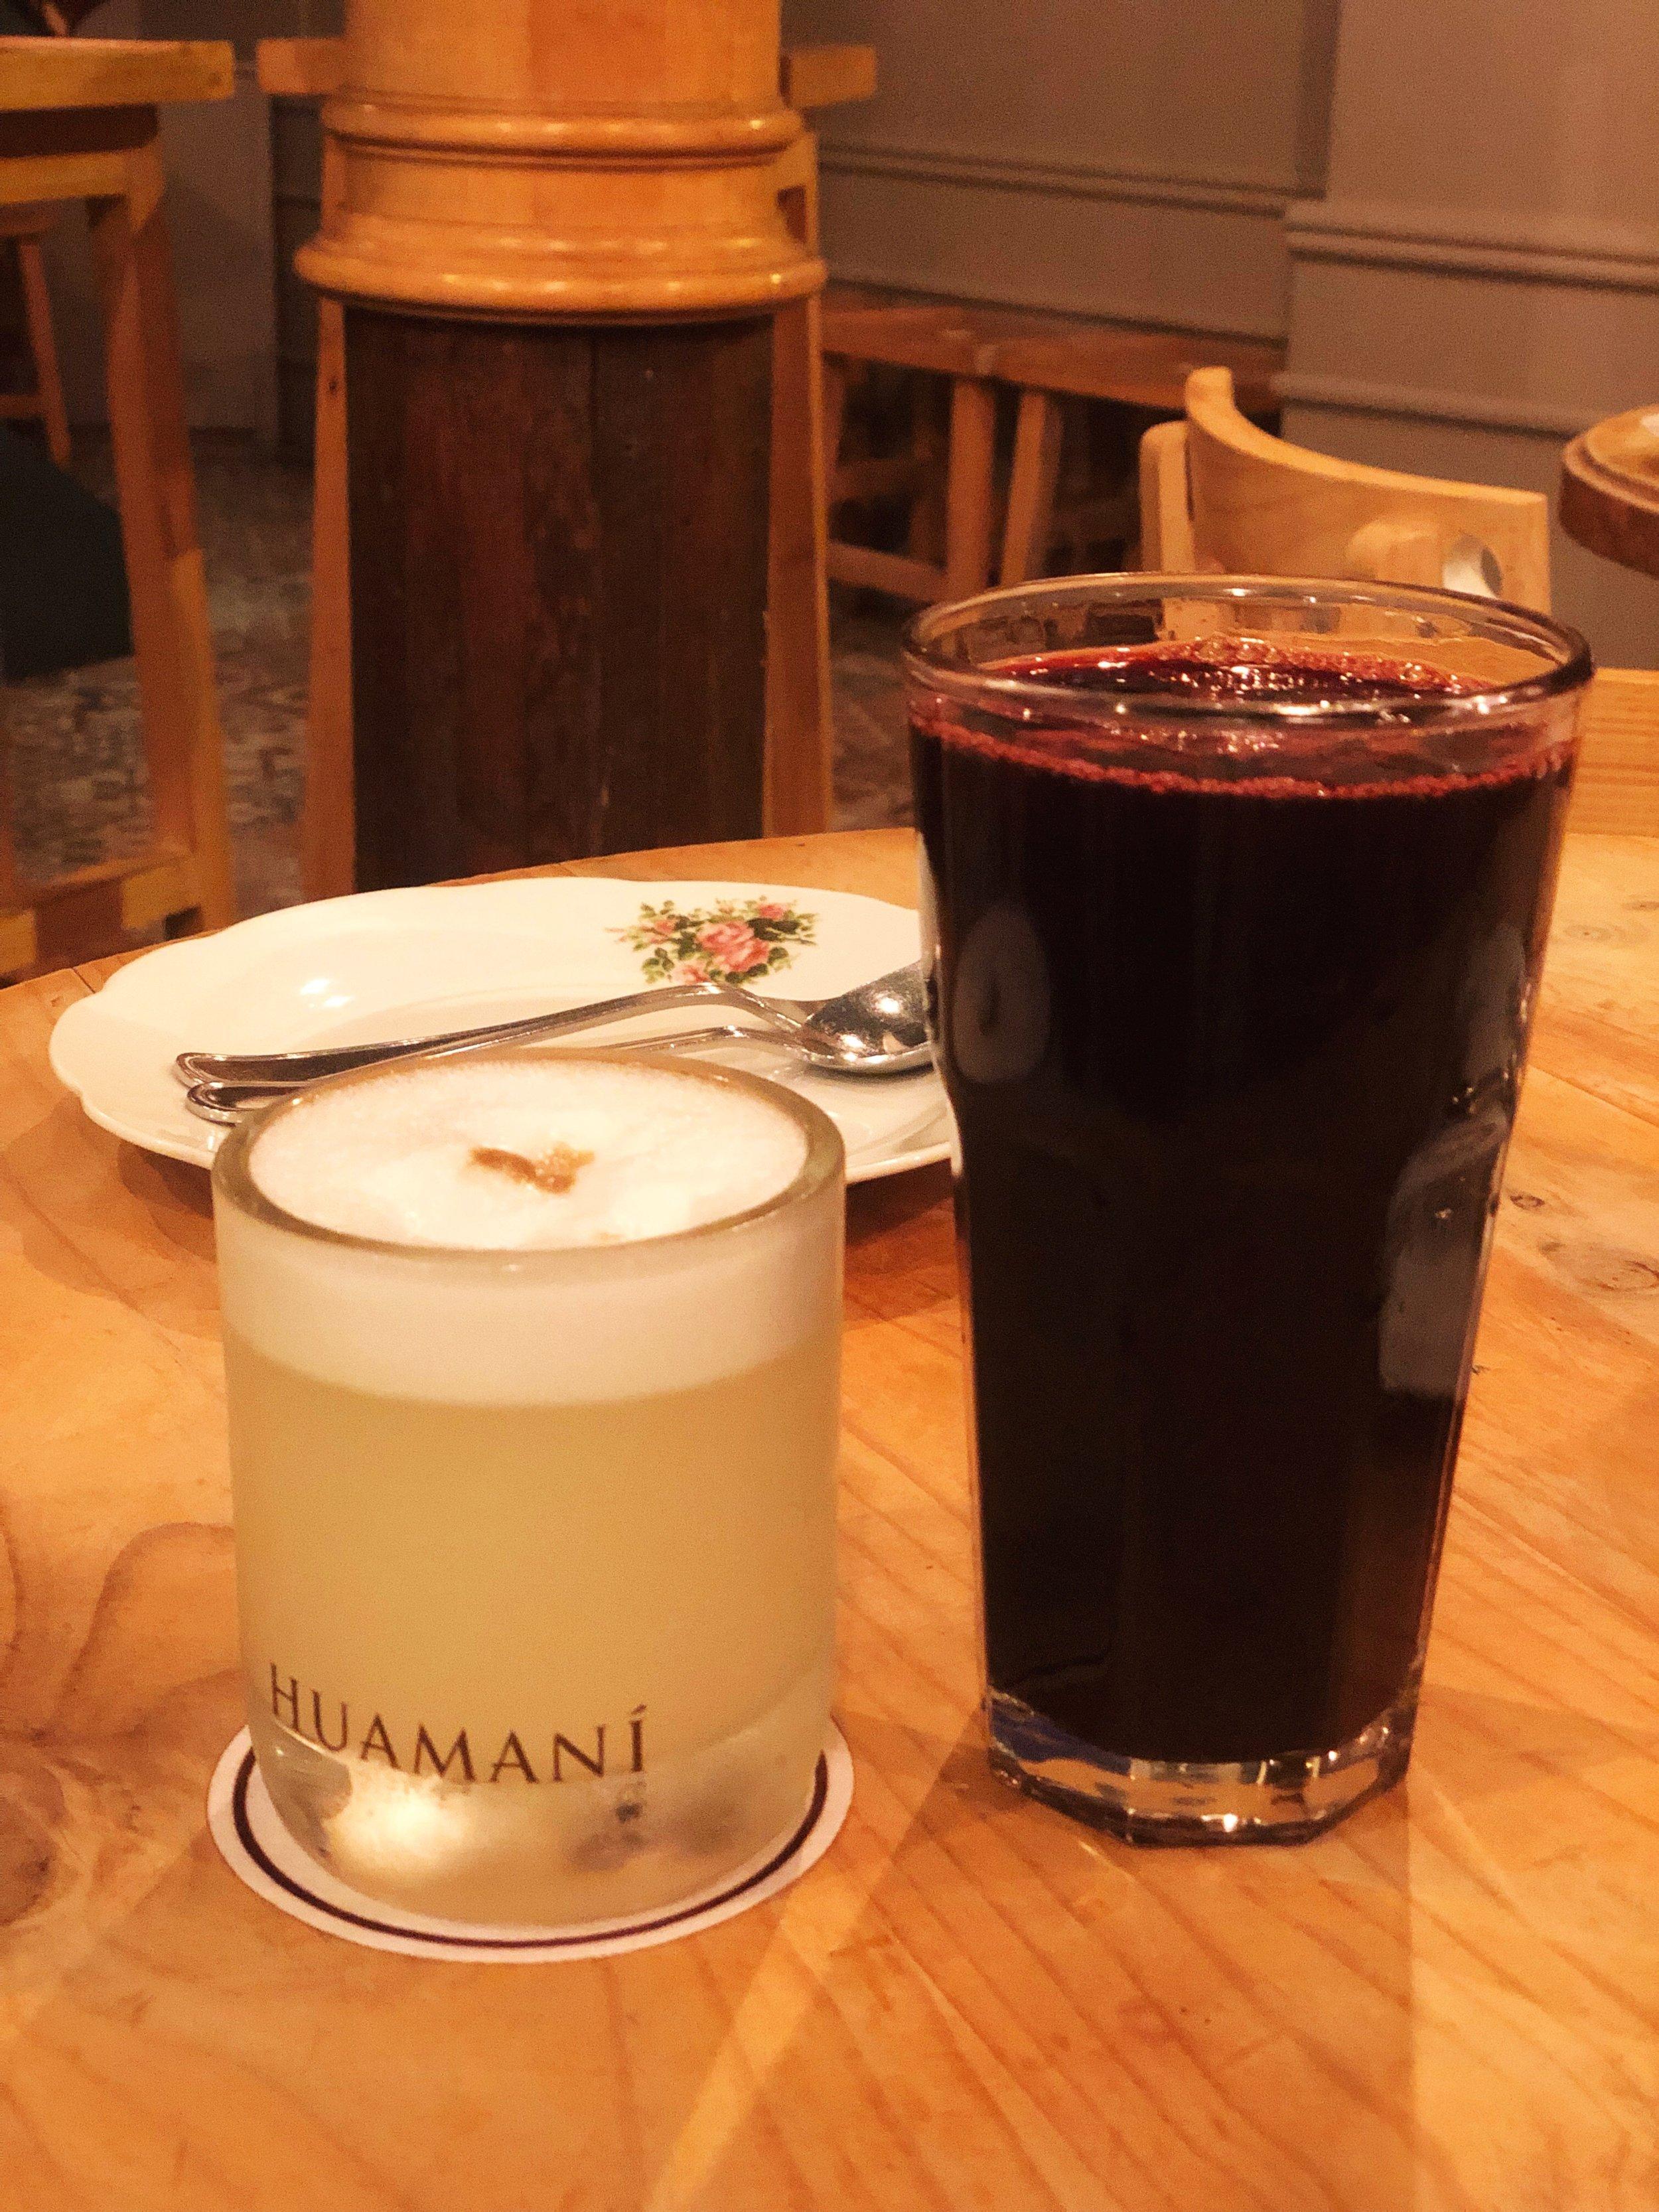 Isolina-peru-lima-barranco-food-restaurant-travel-tips-chicha morada - pisco sour